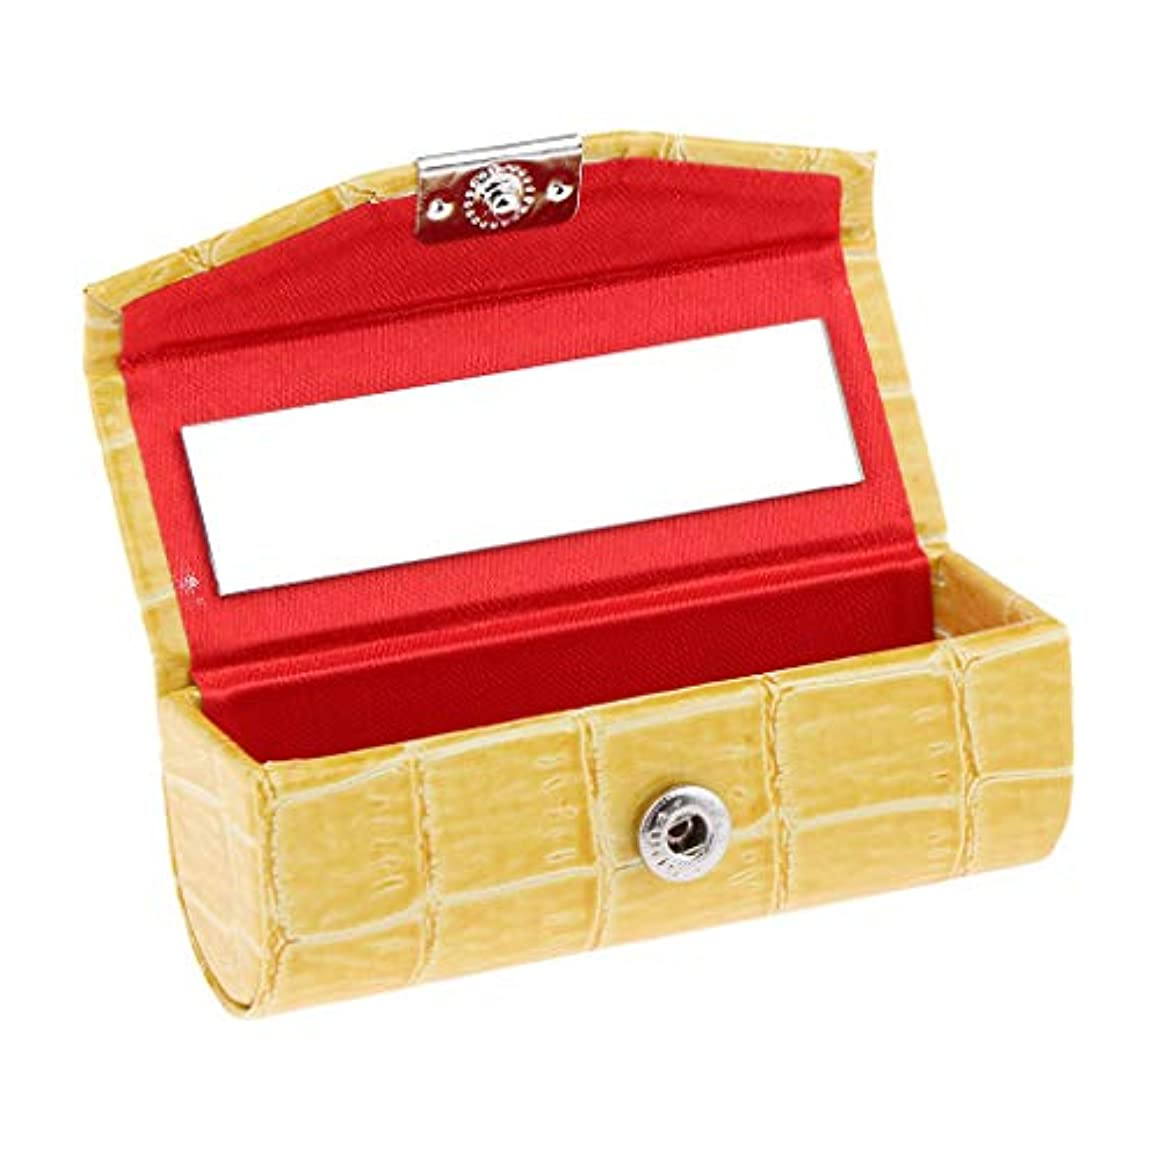 才能プランター小説IPOTCH レザー リップスティックケース 口紅ホルダー ミラー 収納ボックス 多色選べ - 黄